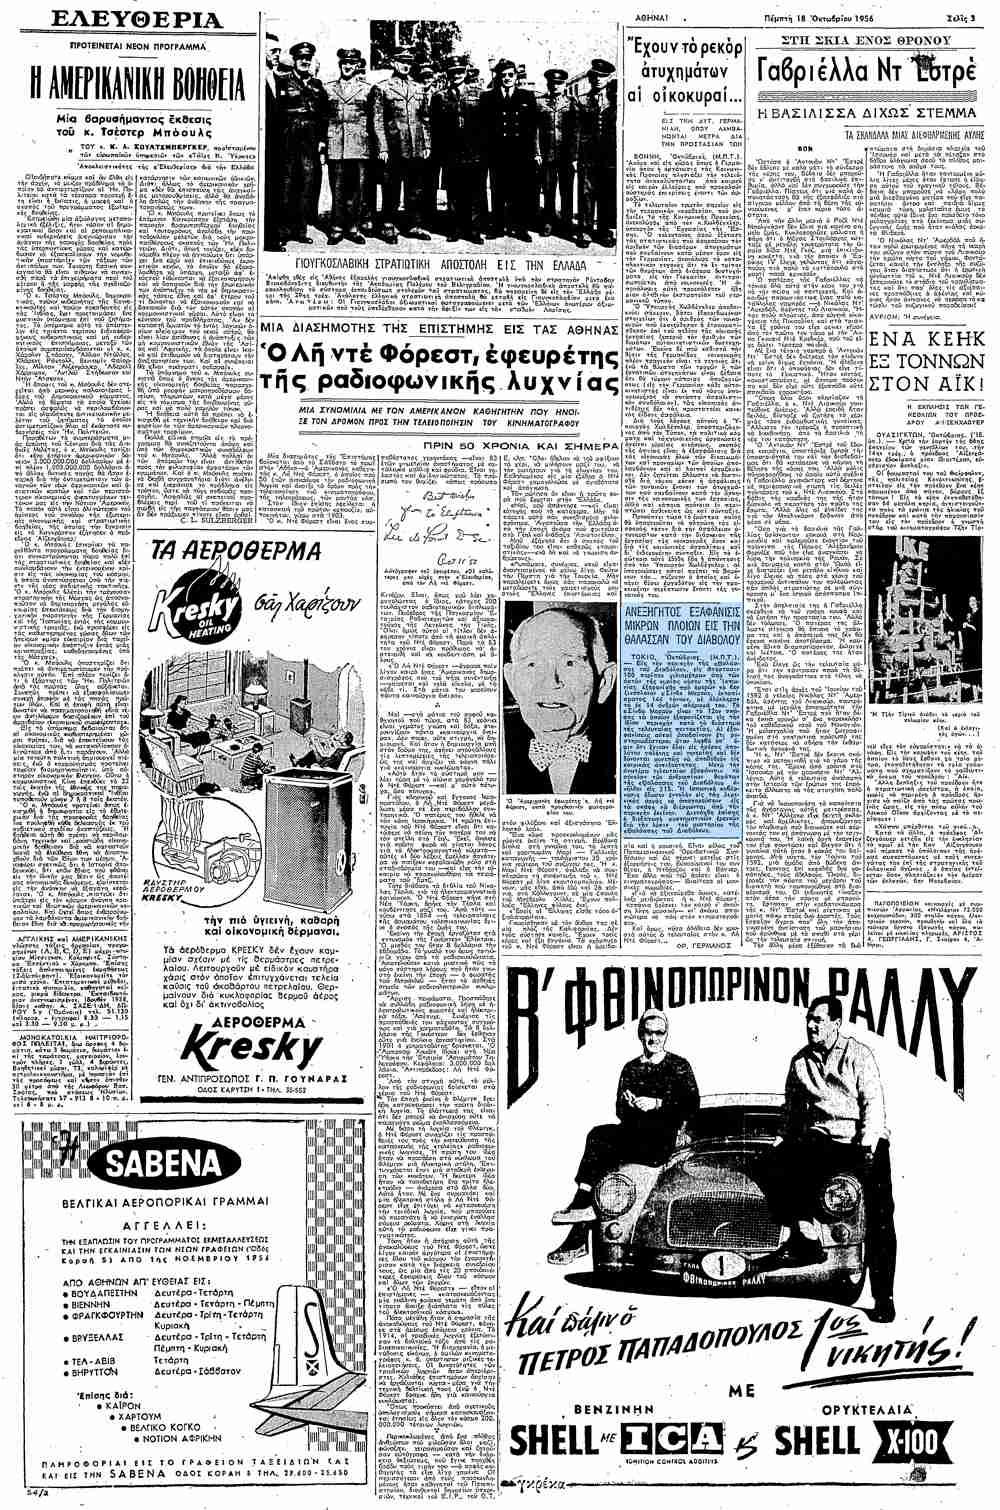 """Το άρθρο, όπως δημοσιεύθηκε στην εφημερίδα """"ΕΛΕΥΘΕΡΙΑ"""", στις 18/10/1956"""